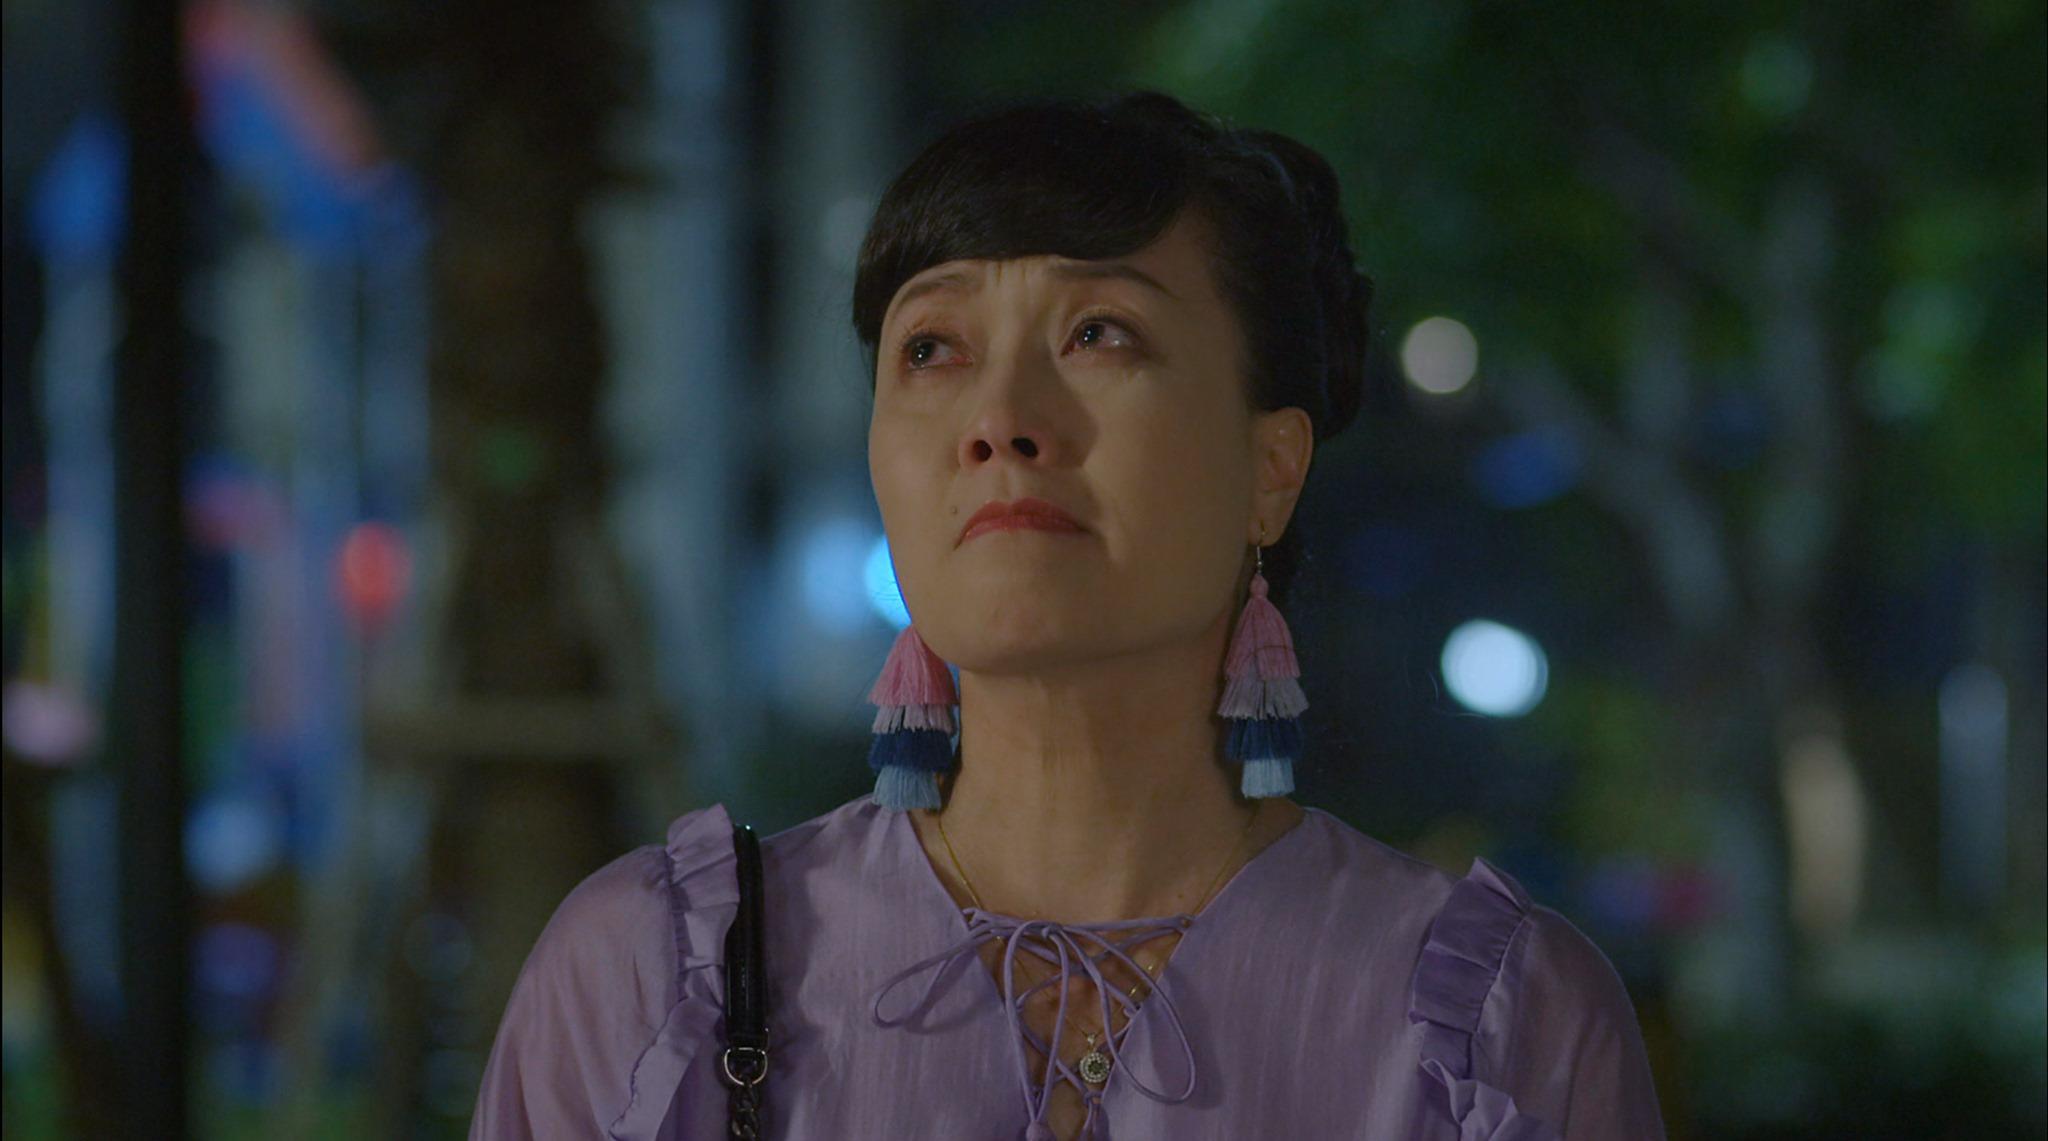 Hết Hoàng tới mẹ Cami ỡm ờ, Minh HH bao giờ mới yêu đương yên ổn ở Hướng Dương Ngược Nắng 2 đây? - Ảnh 5.